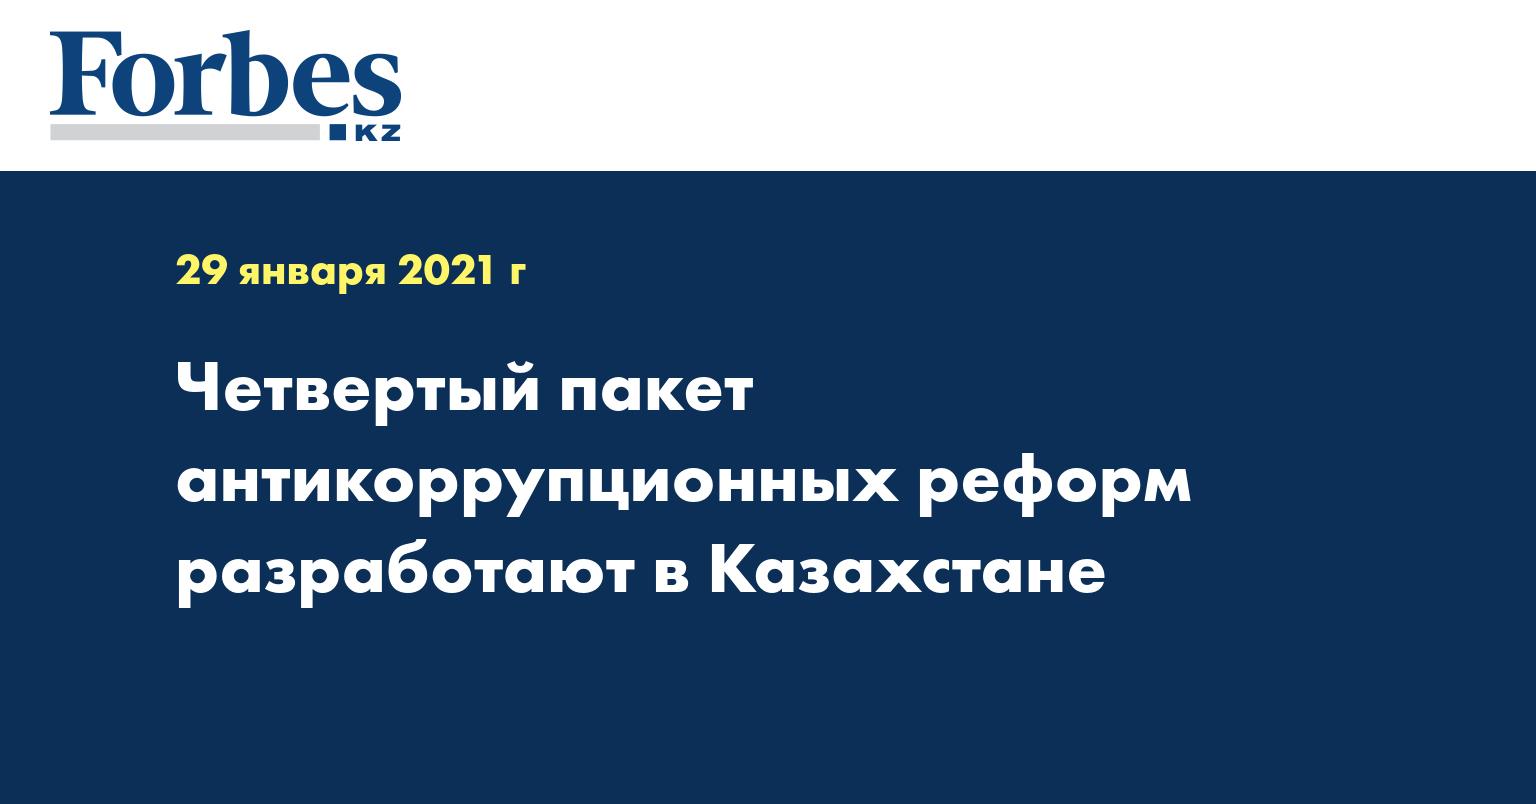 Четвертый пакет антикоррупционных реформ разработают в Казахстане